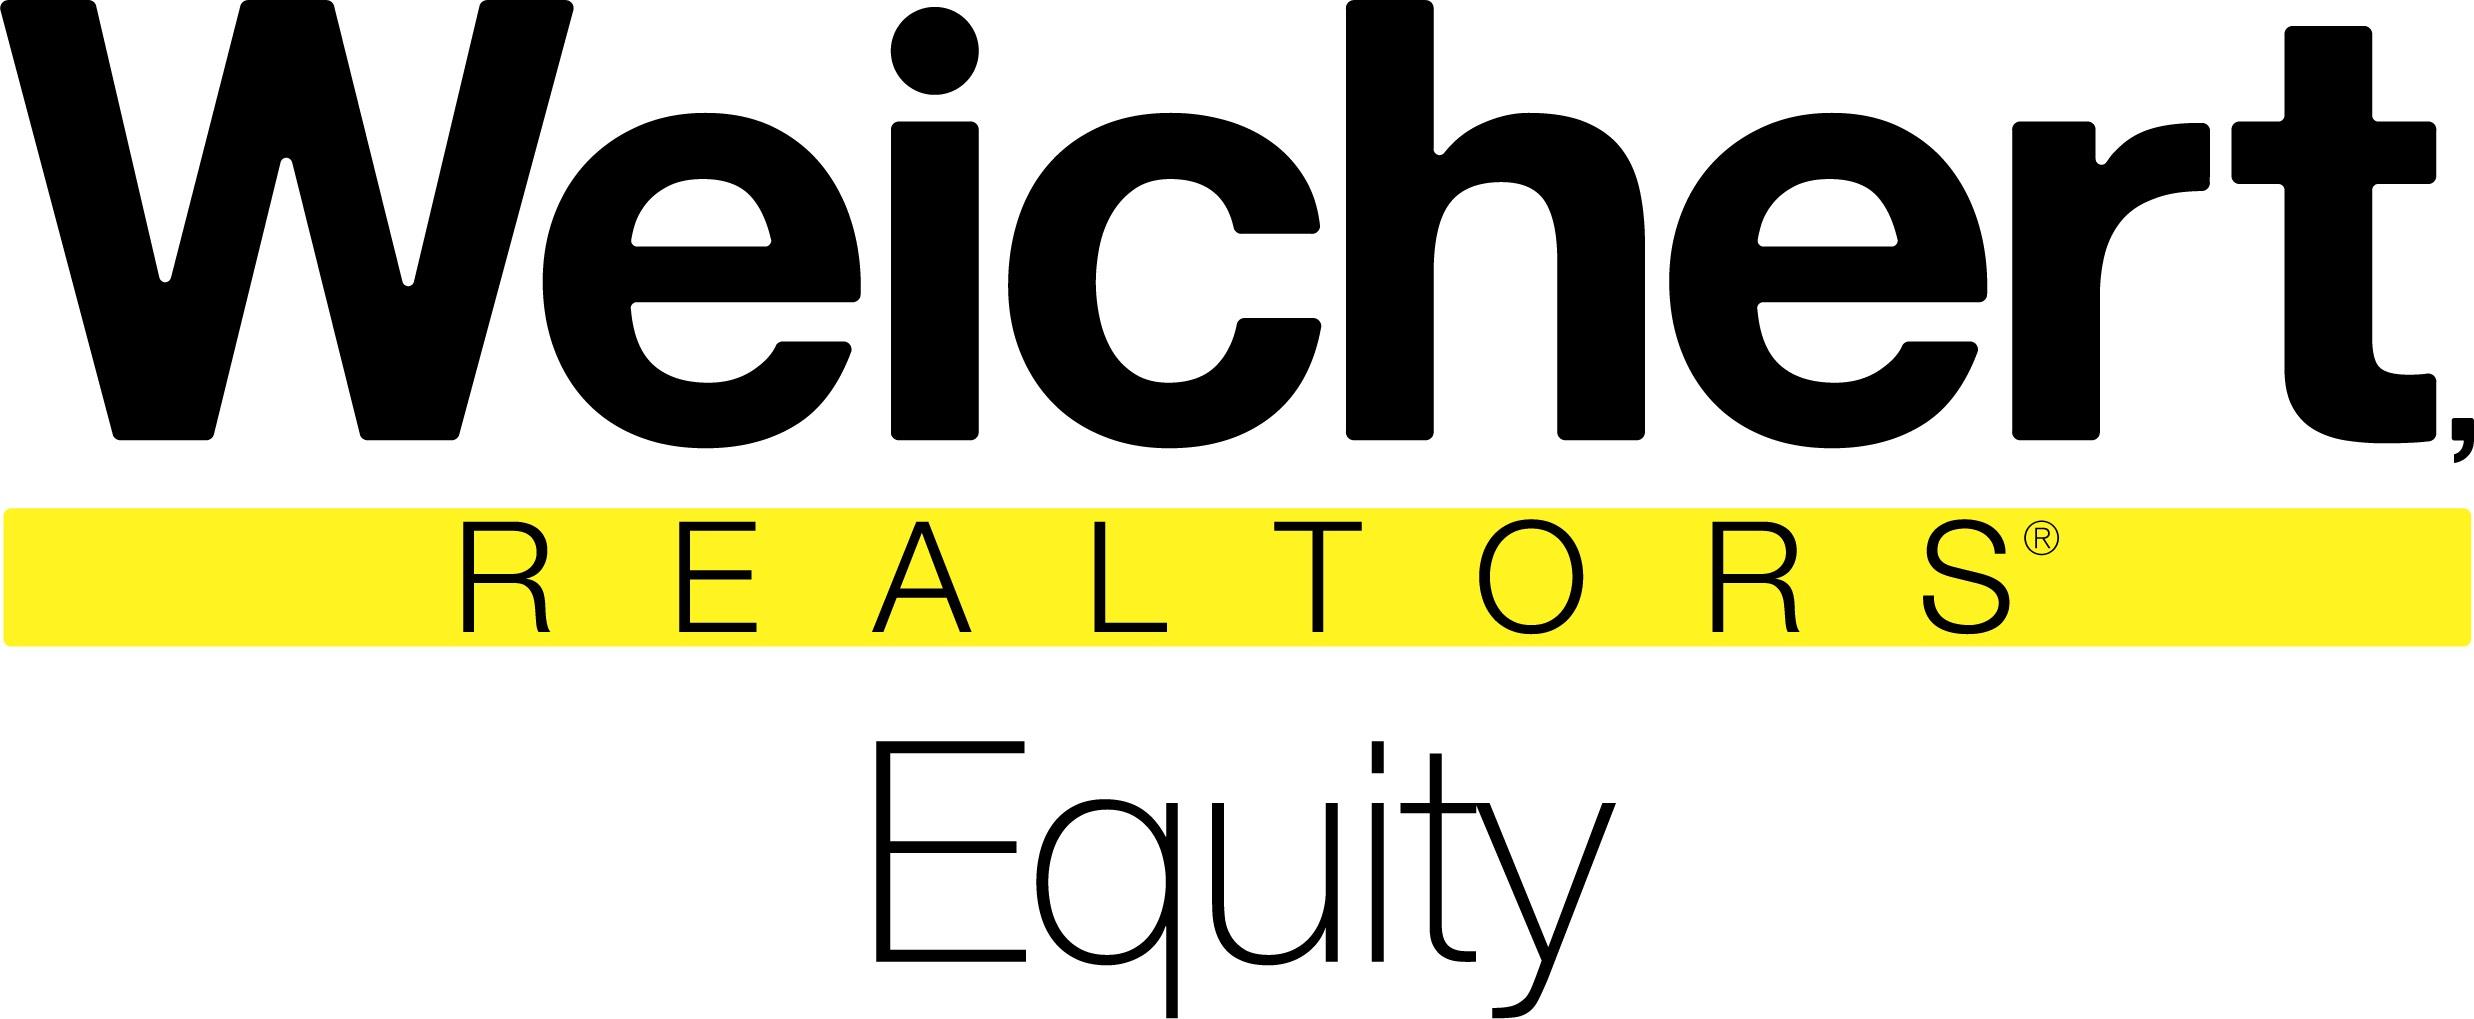 Weichert, Realtors - Equity